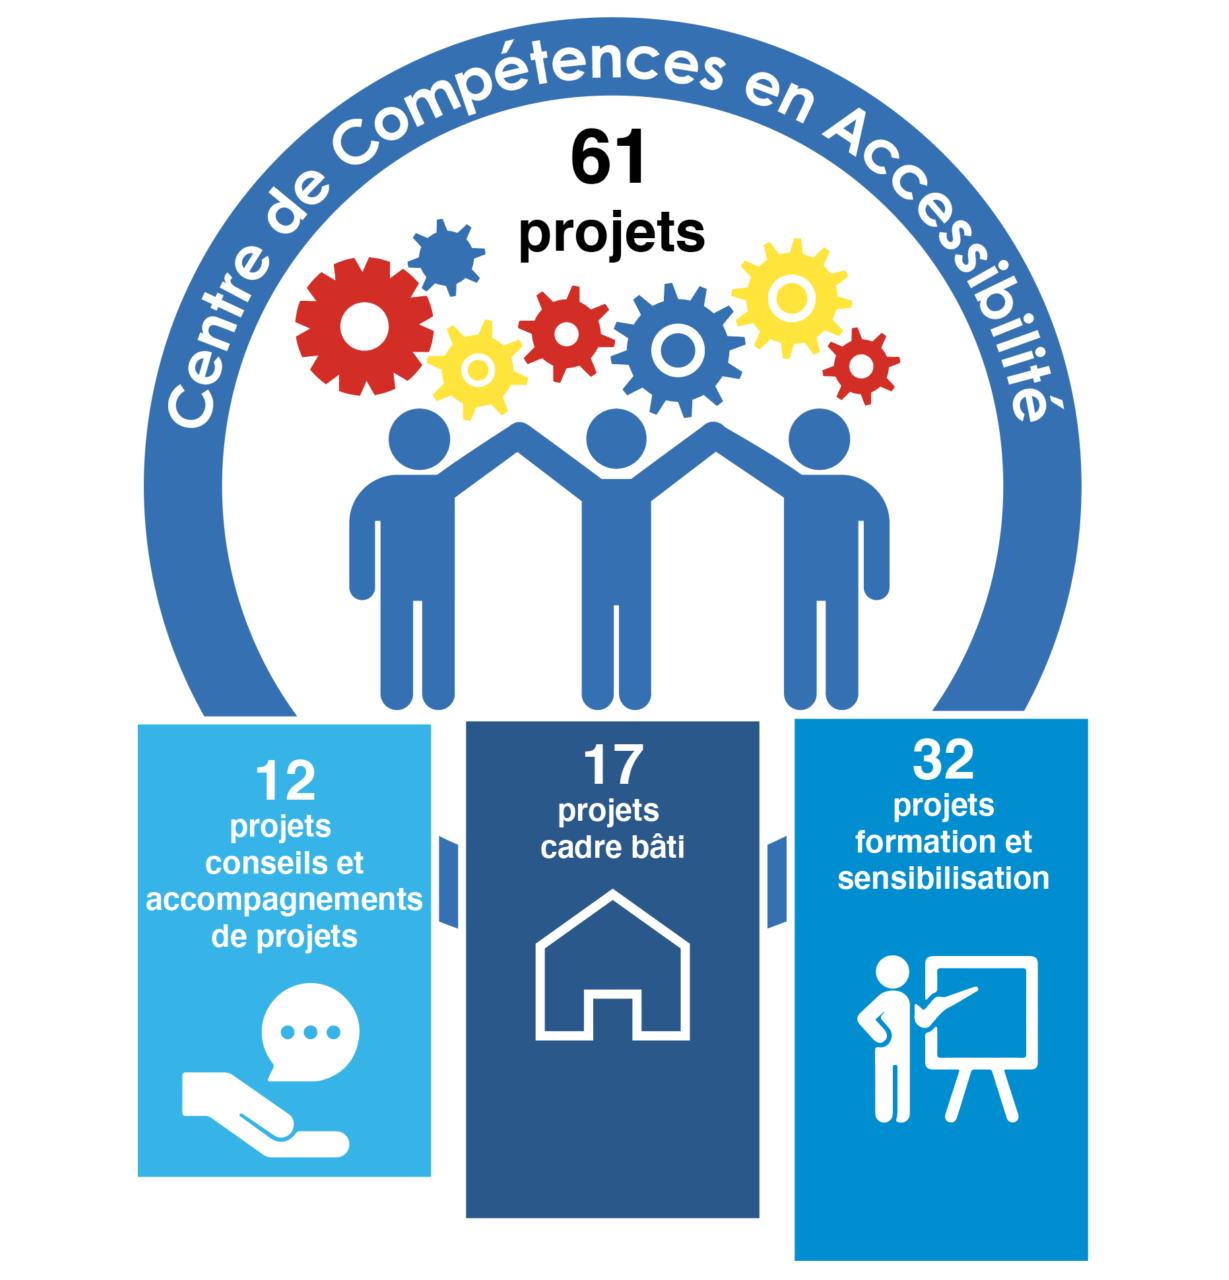 Infographie: Chiffres clés du Centre de Compétences en Accessibilité: 61 projets dont 12 projets conseils et accompagnements, 17 projets cadre bâti et 32 projets formation et sensibilisation.